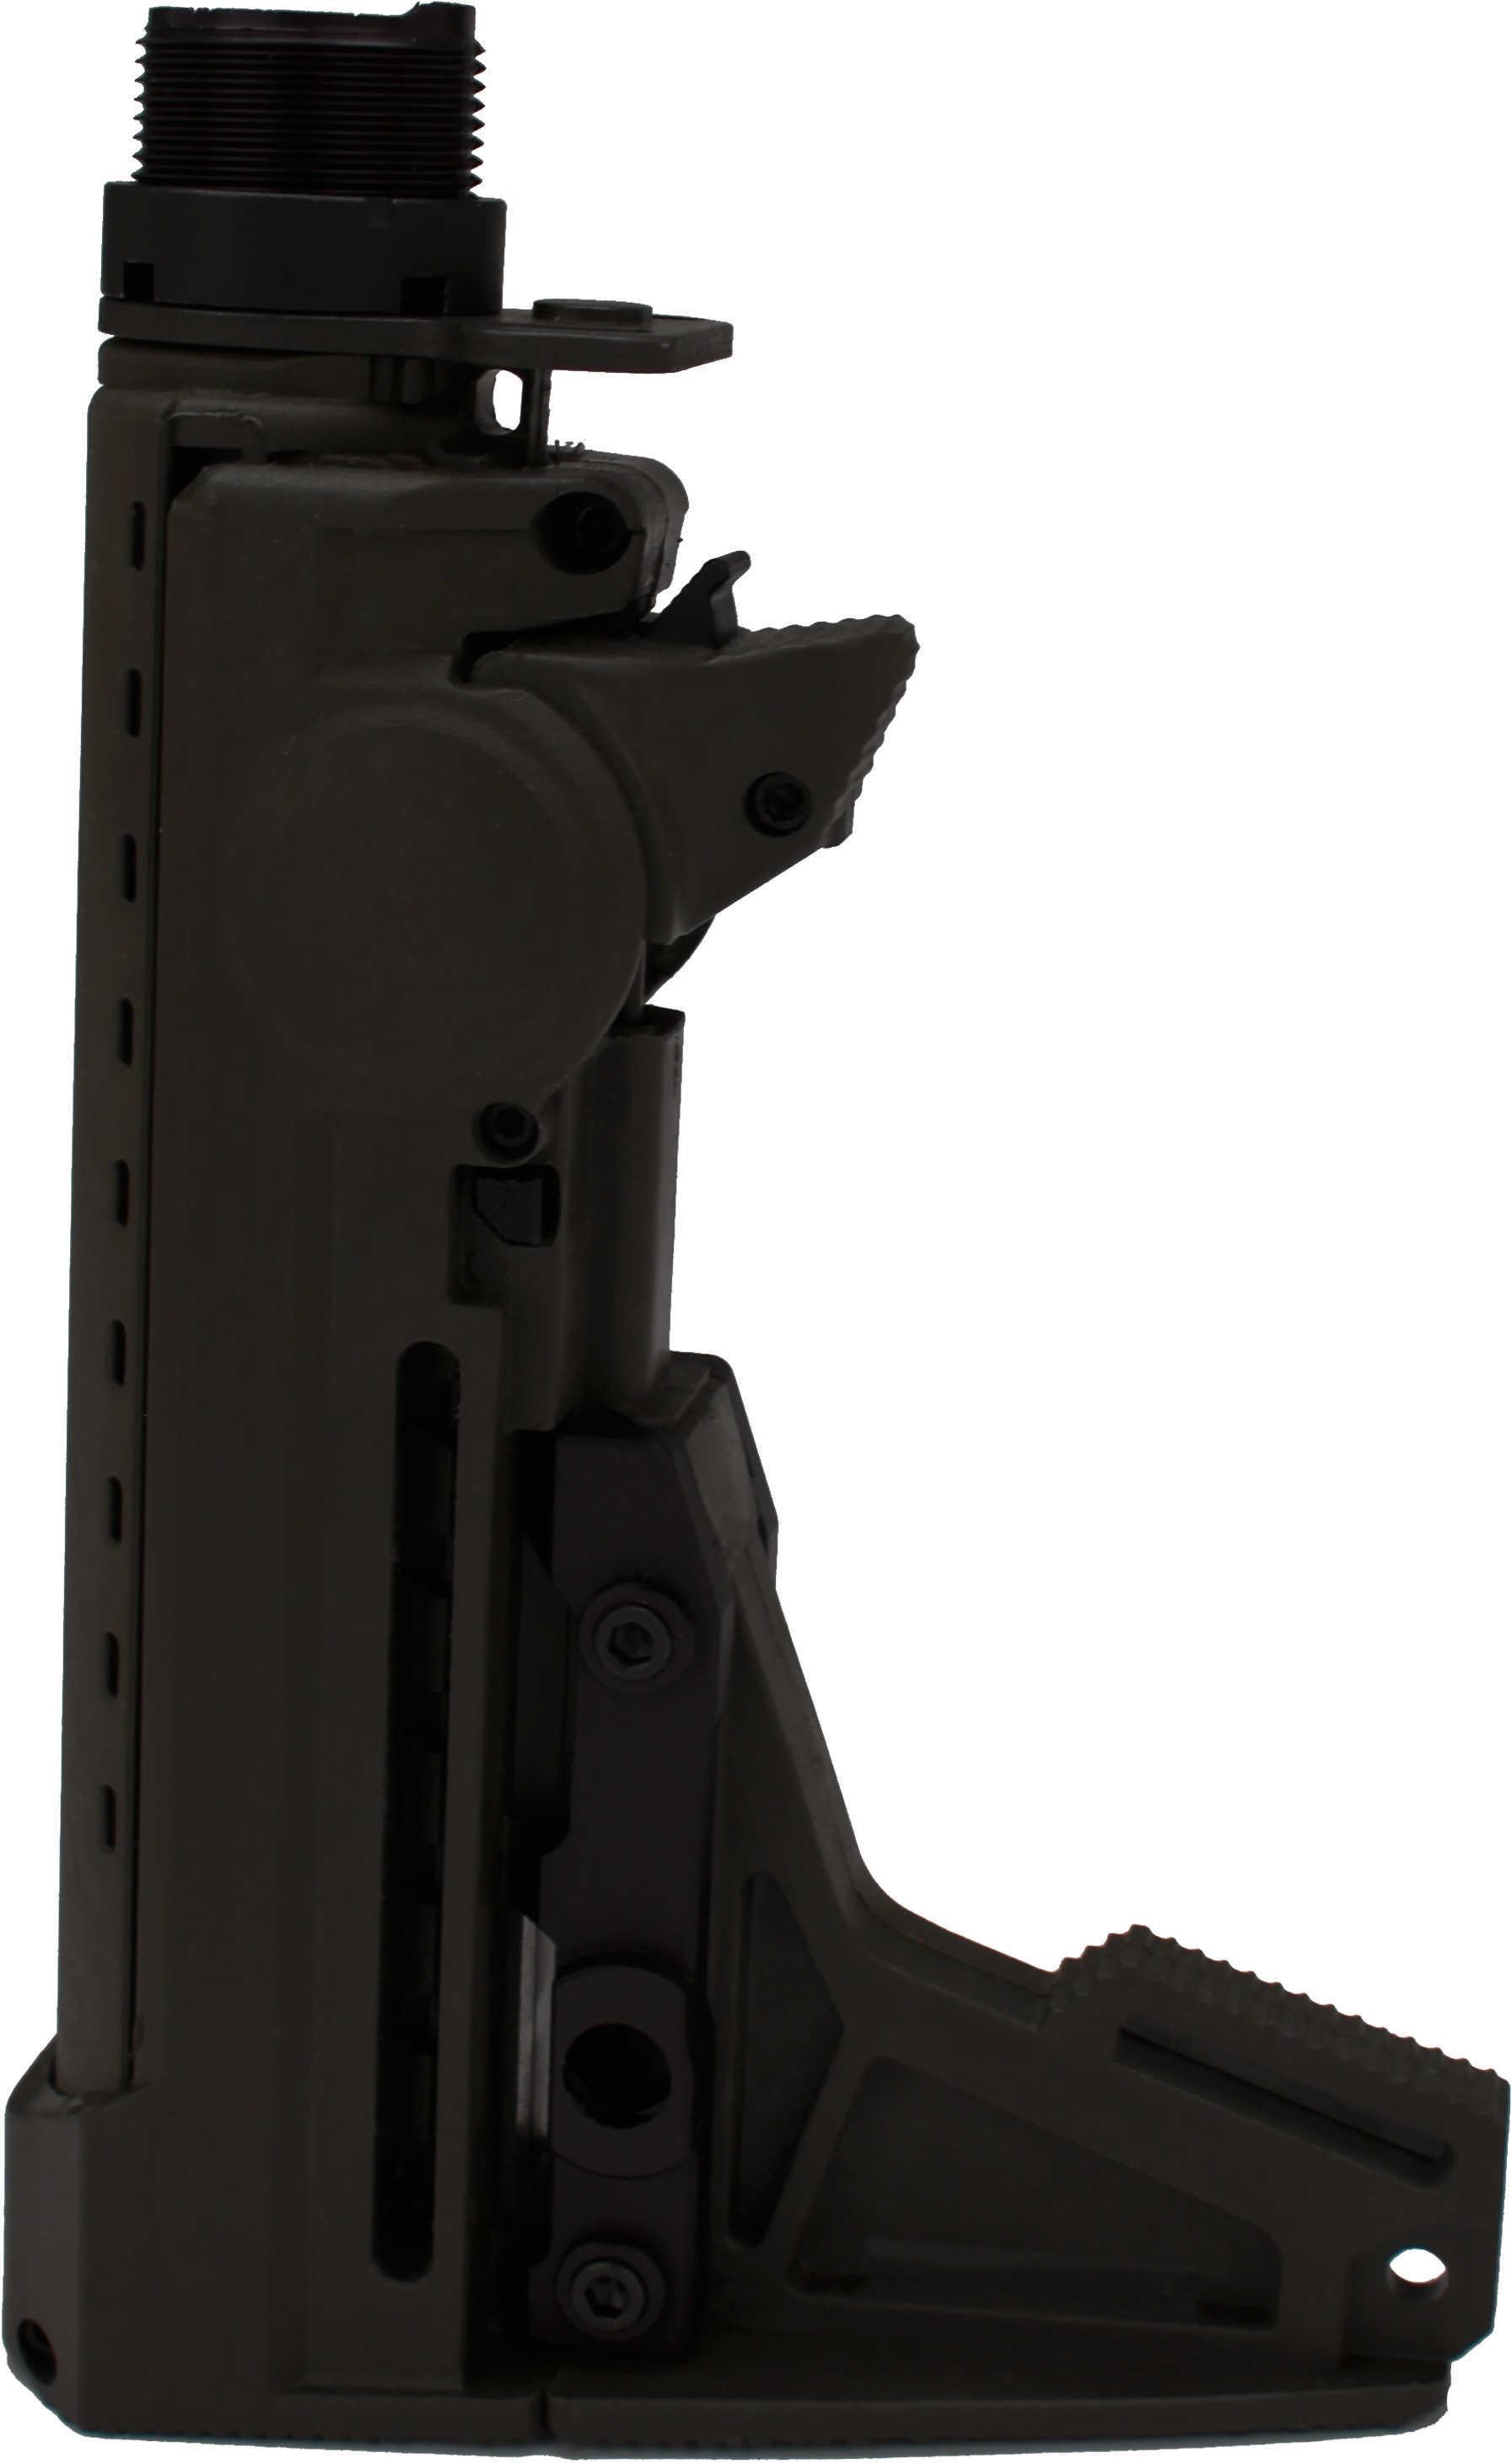 Ergo 4925Bk Ergo F93 Pro Stock Rifle Synthetic Black